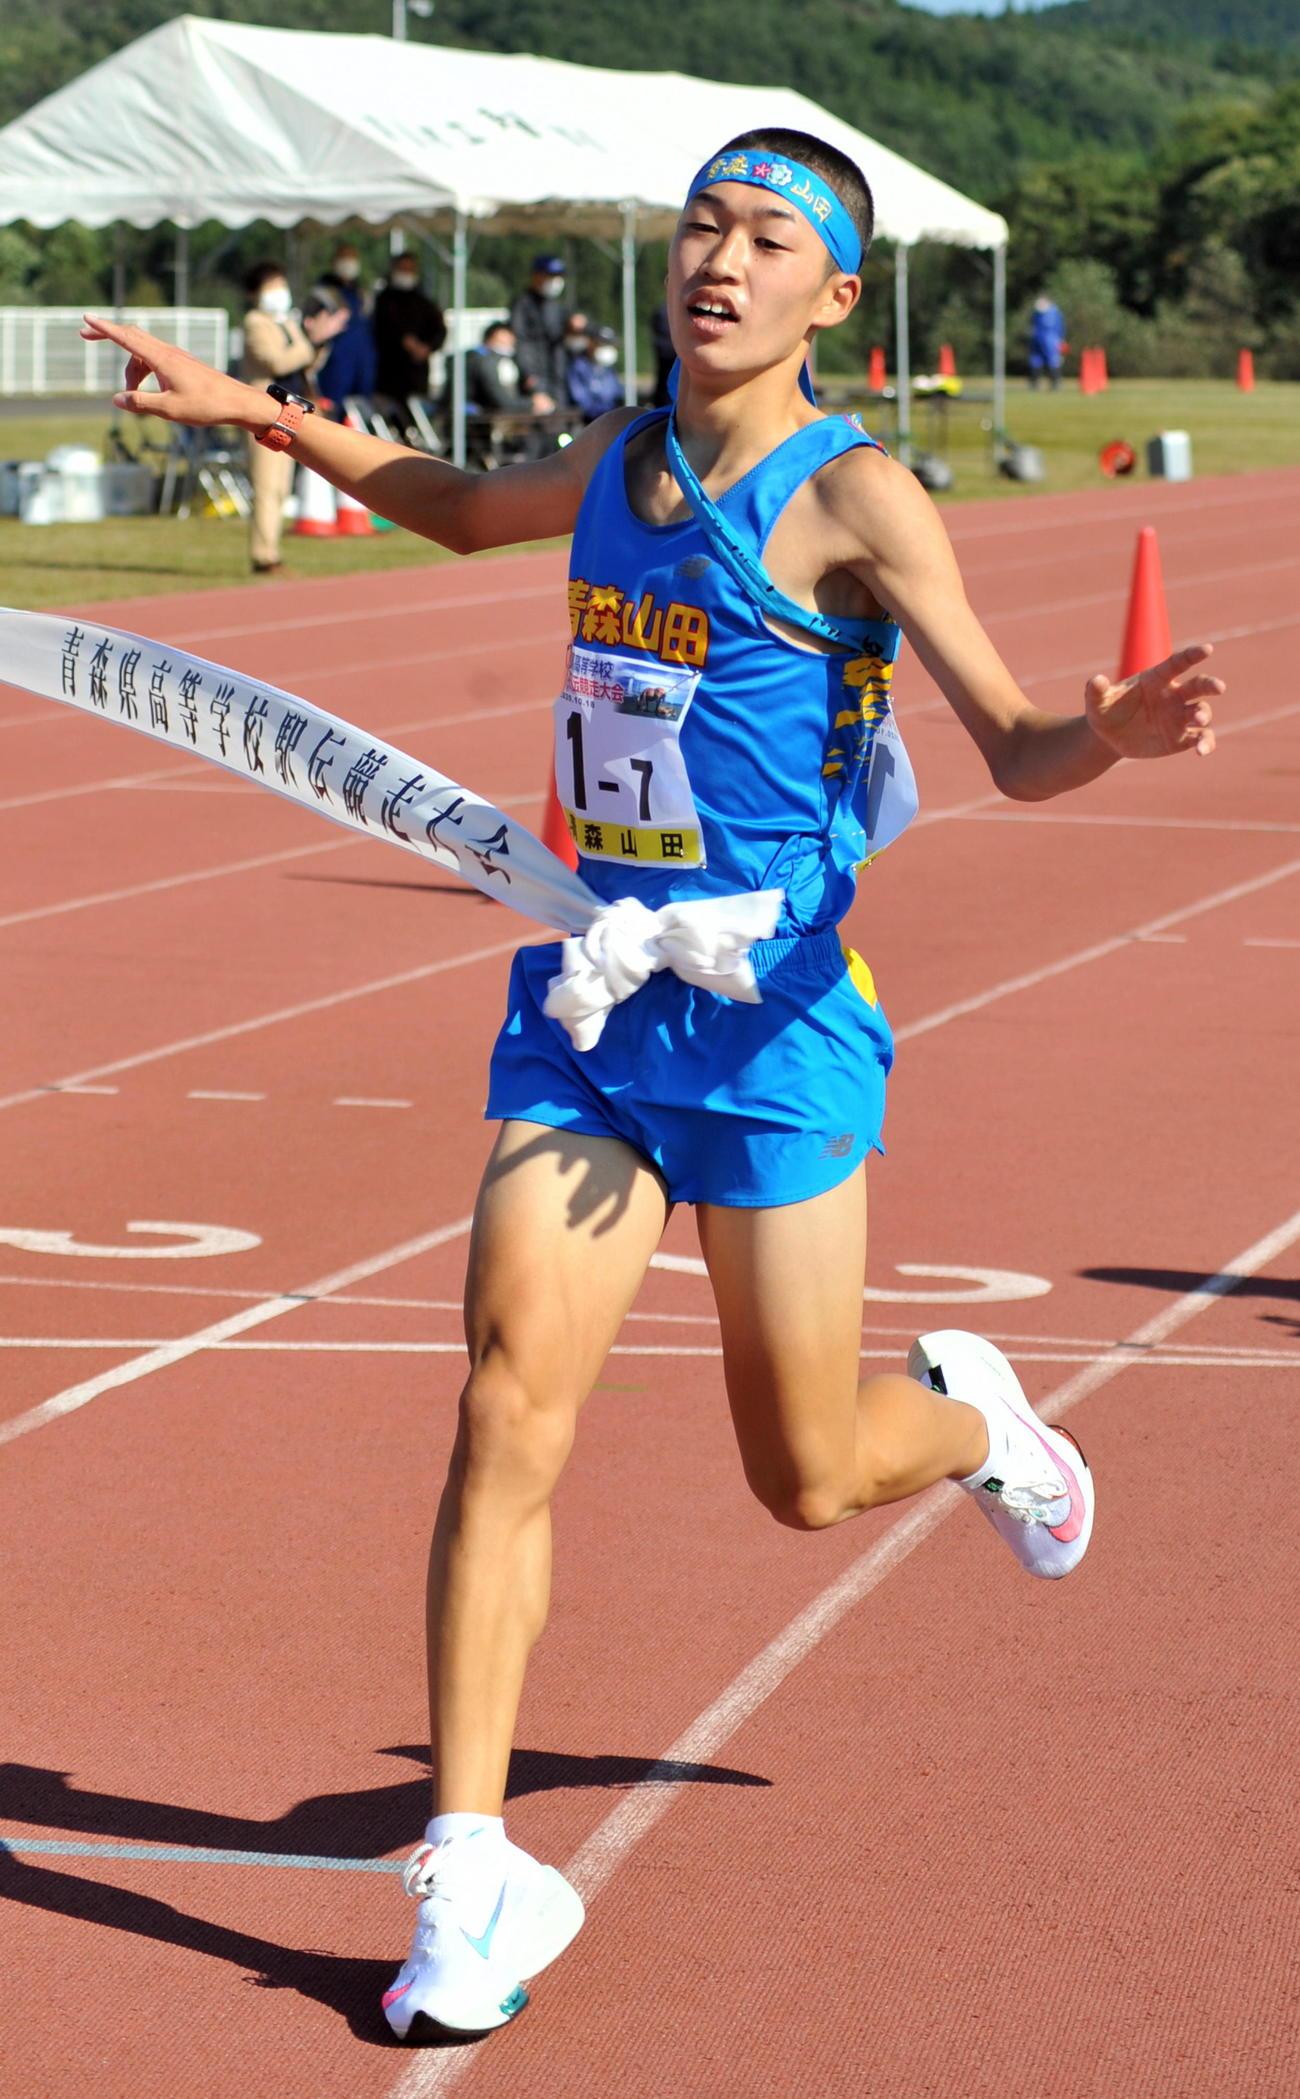 青森山田の1年生アンカー熊谷は2位に8分以上の大差でゴールする